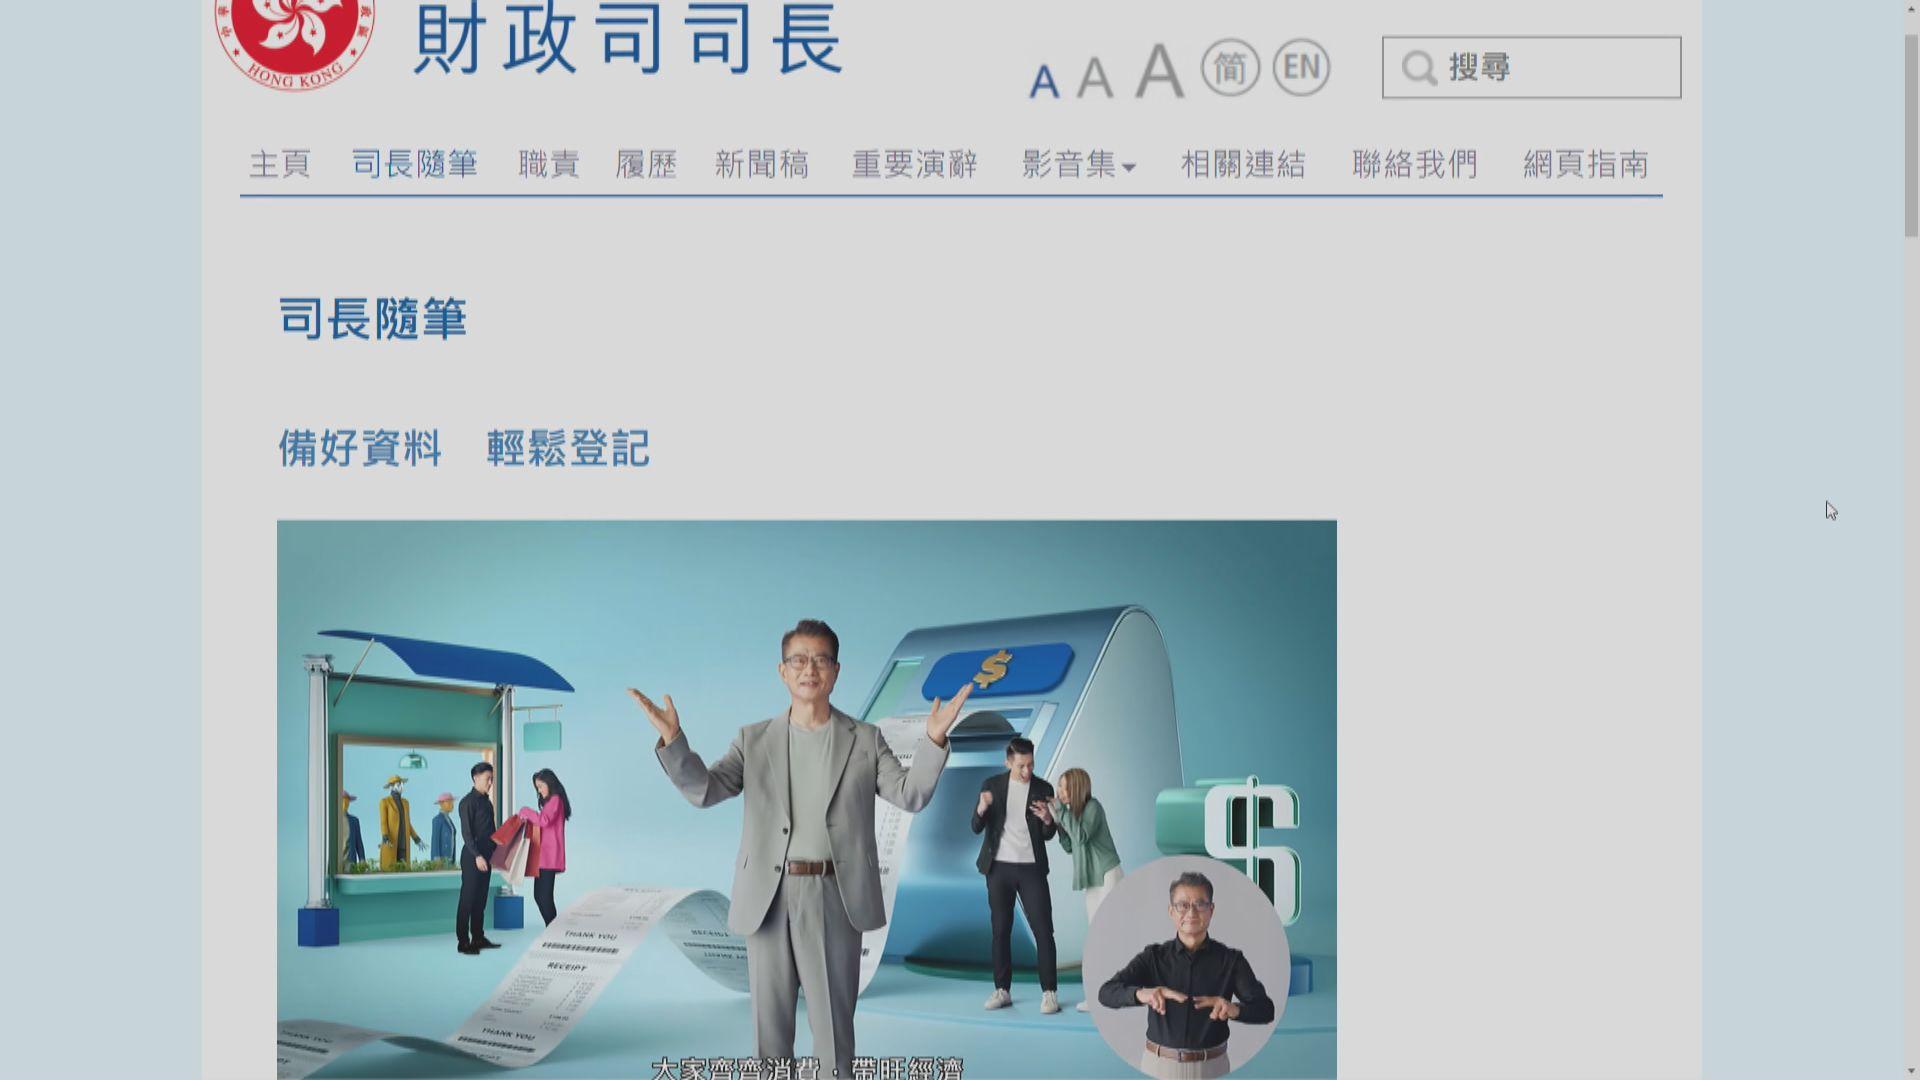 陳茂波稱未來兩周完成電子登記 下月可領第一期消費券